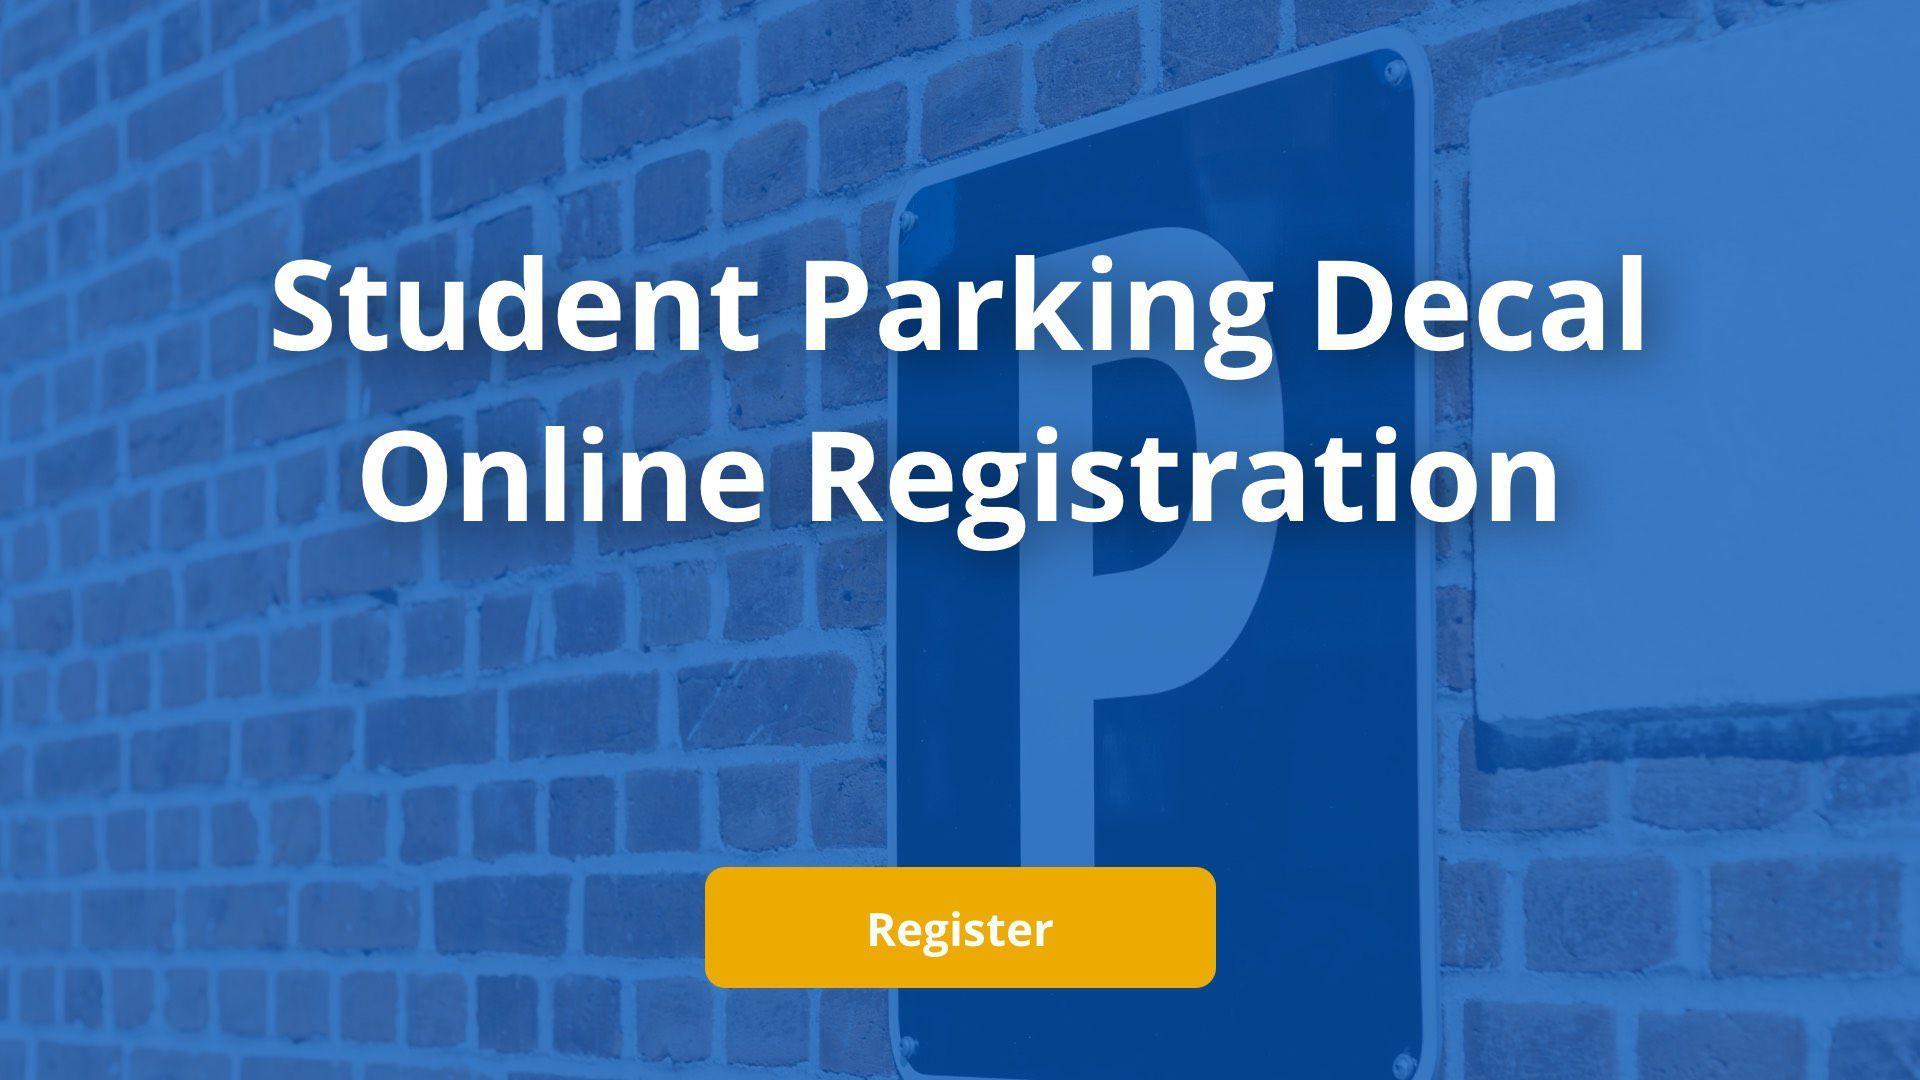 Student Parking Decal Online Registration